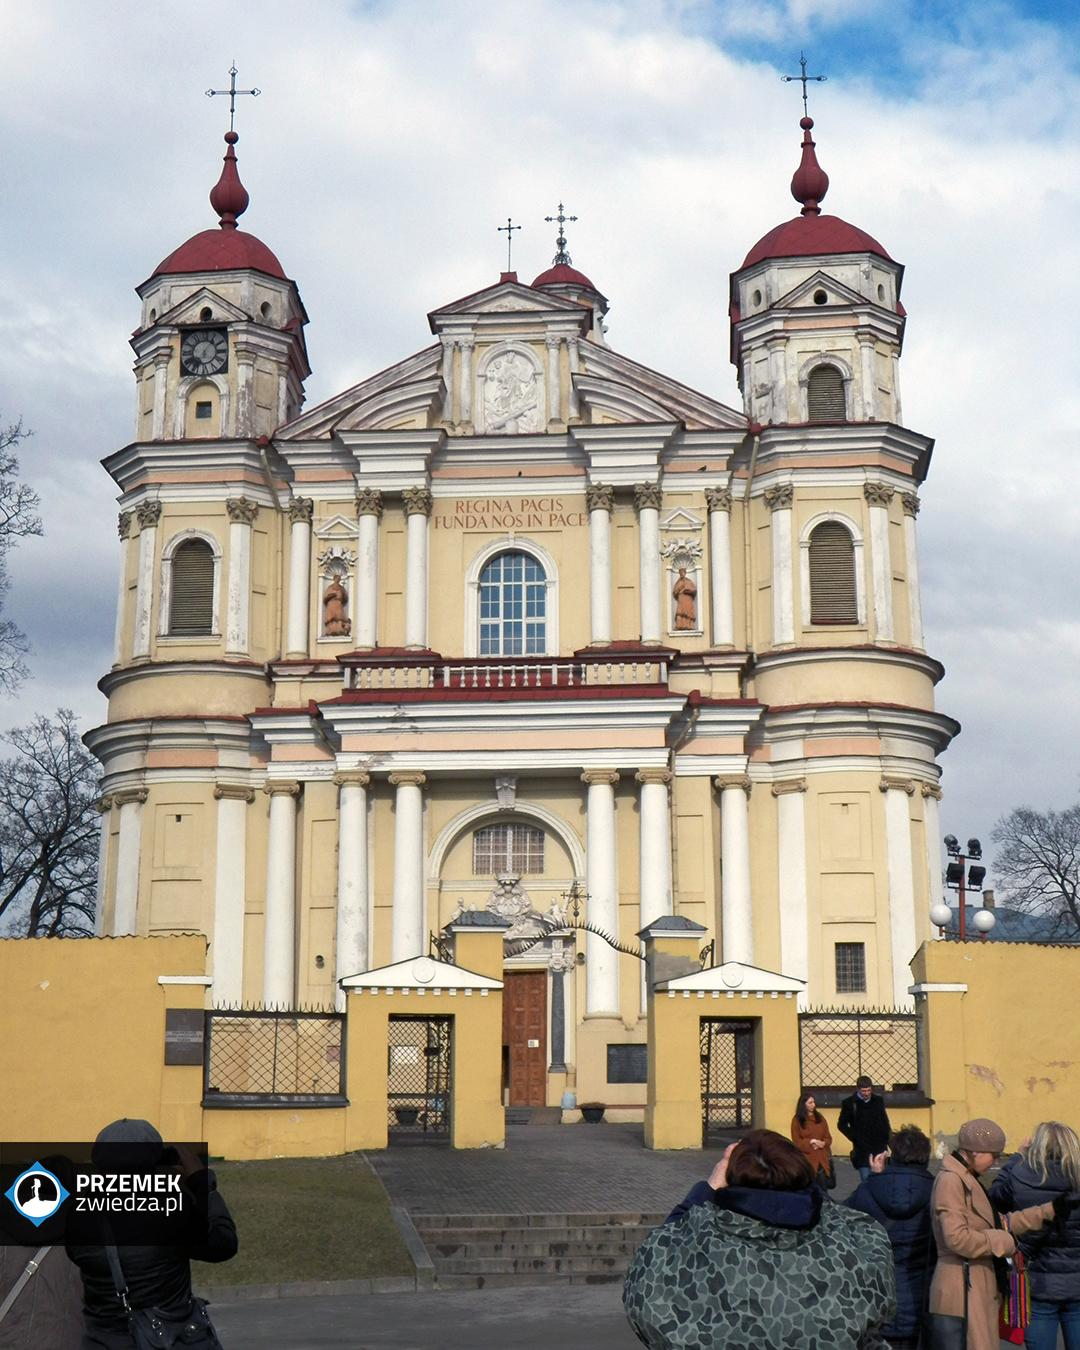 Wilno - Kościoł św. Piotra i św. Pawła